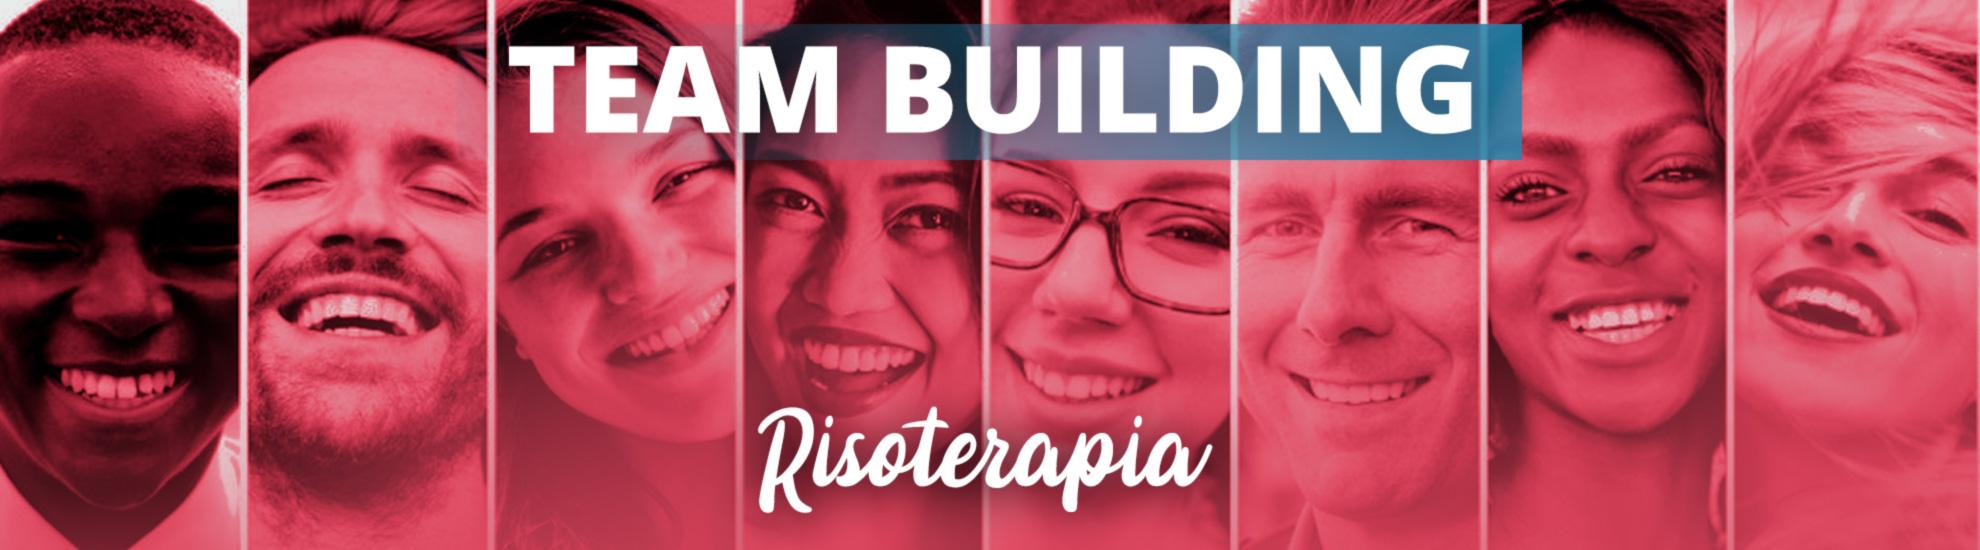 team building risoterapia